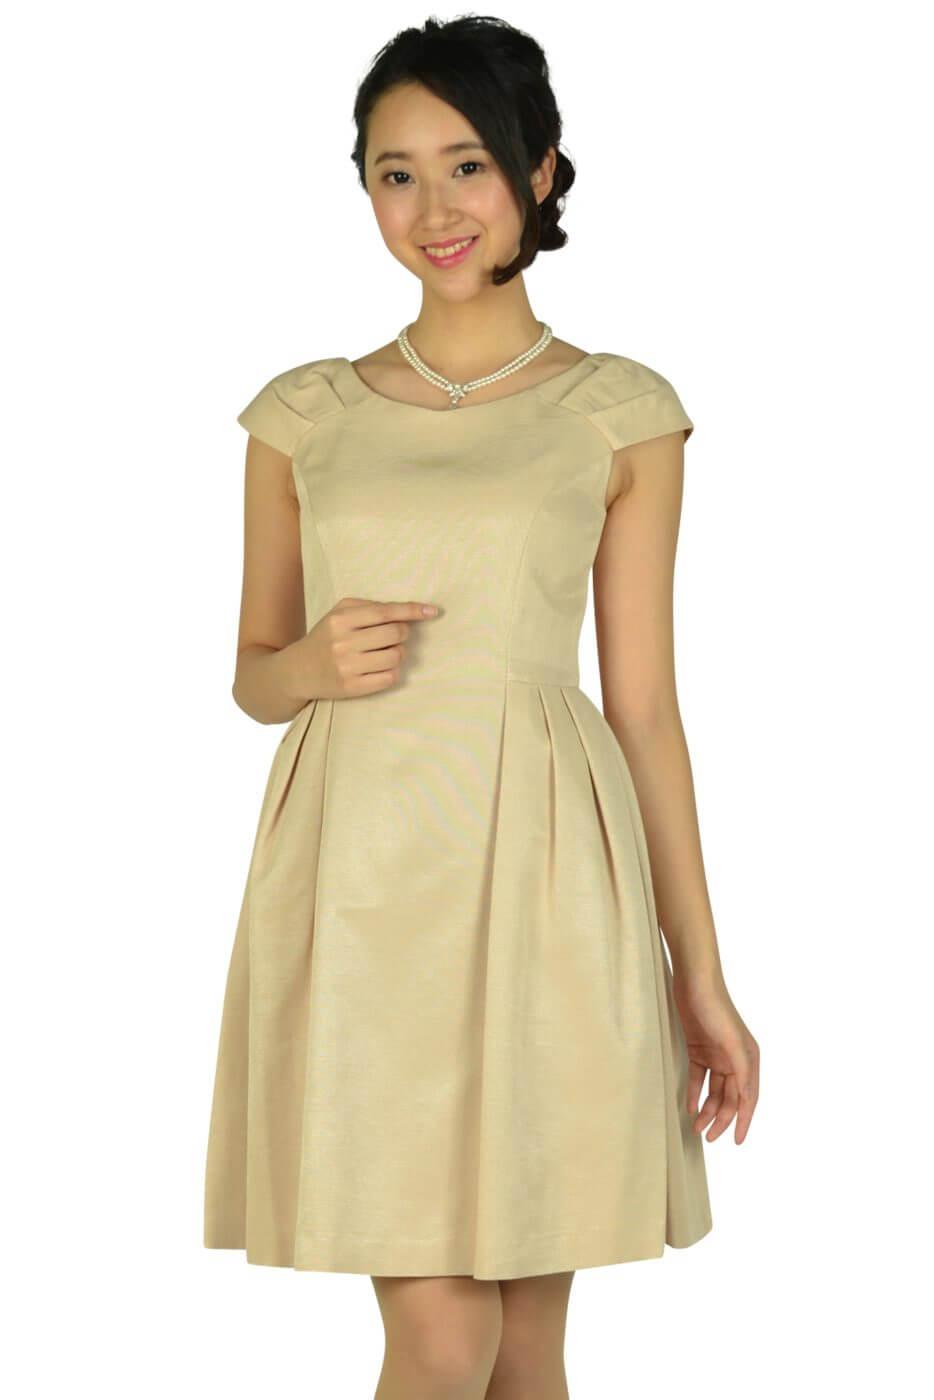 ストロベリーフィールズ (STRAWBERRY-FIELDS)Vネックシンプルベージュドレス